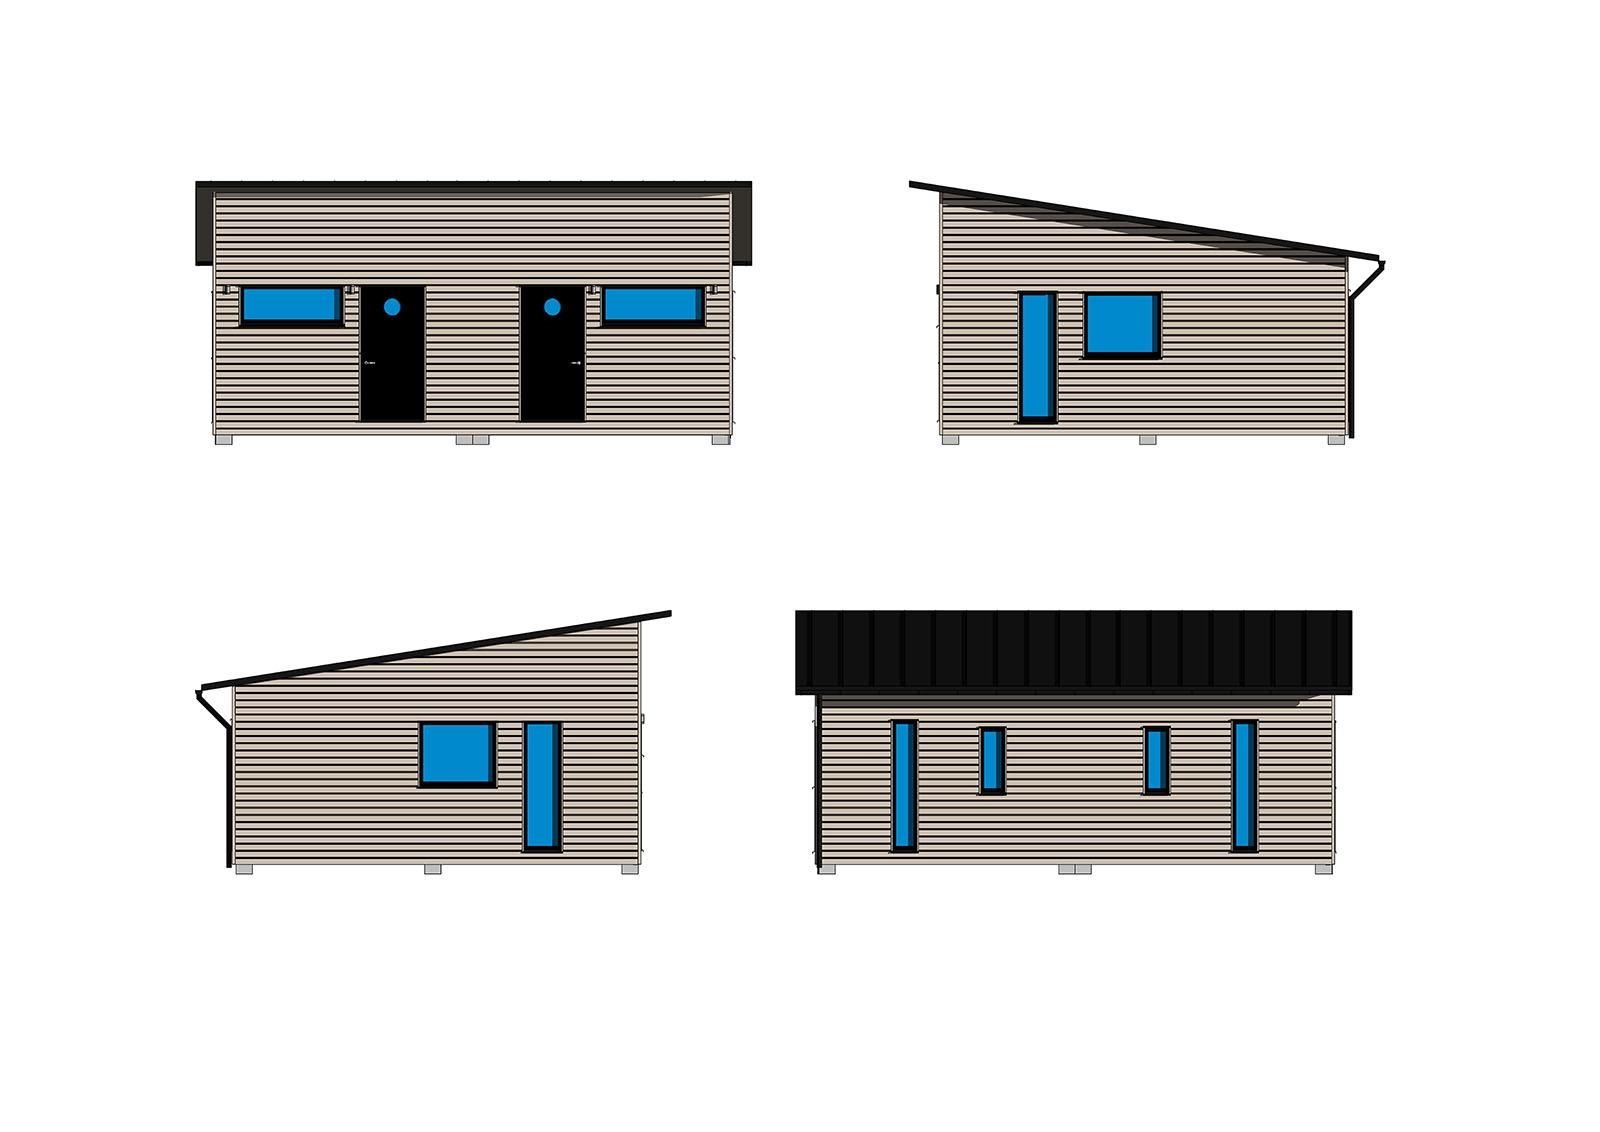 cabin-50-fasader-pullpet.jpg